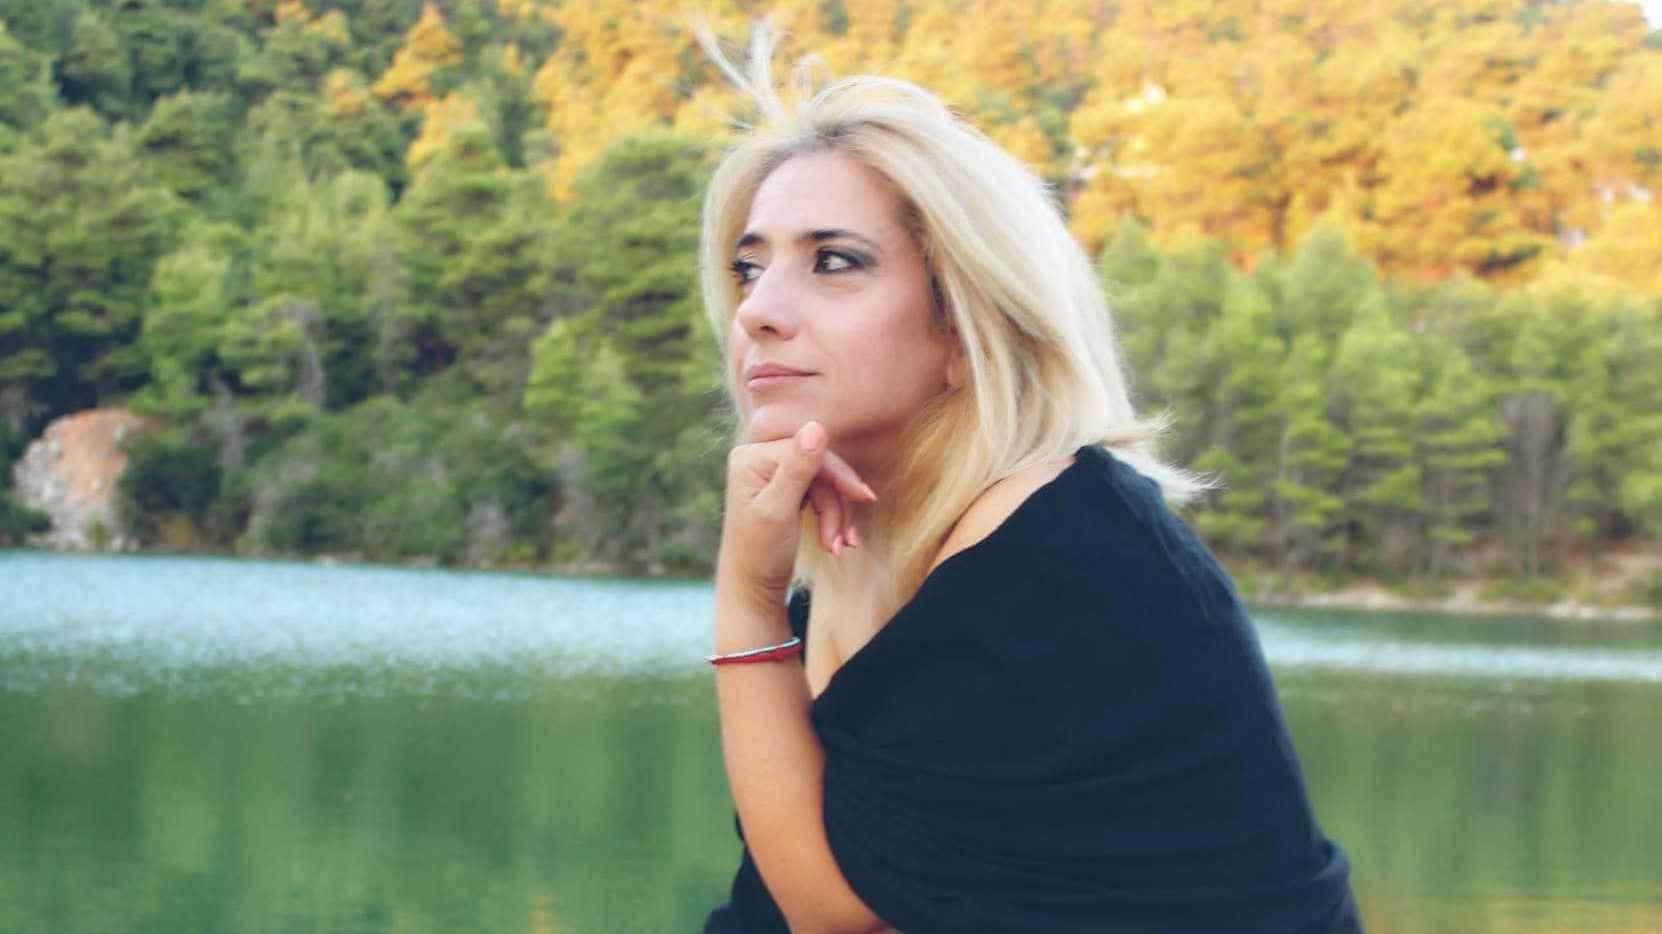 Νάσια Κονιτοπούλου: «Η ζωή η ίδια είναι έρωτας. Δεν λειτουργώ αν δεν είμαι ερωτευμένη.»